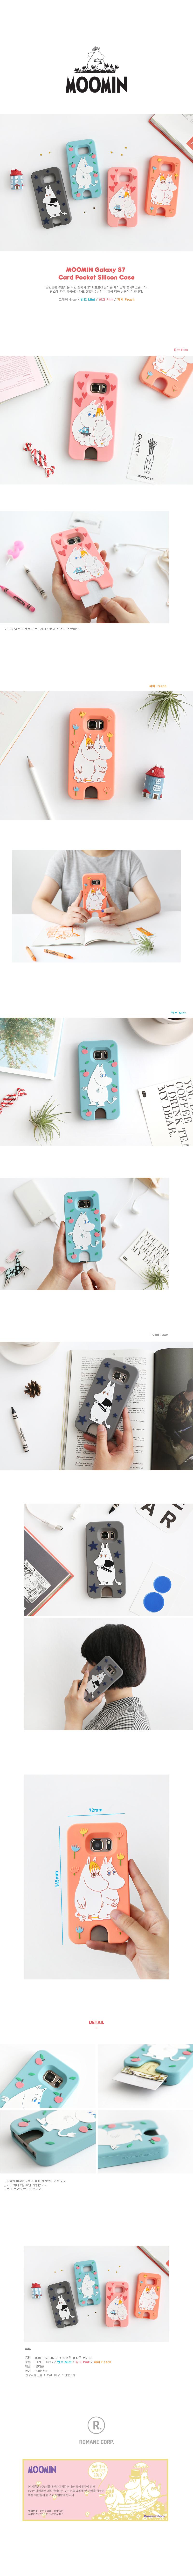 Moomin Galaxy S7 카드포켓 실리콘 케이스10,000원-로마네디지털/핸드폰, 삼성, 케이스, 갤럭시S7 / S7엣지바보사랑Moomin Galaxy S7 카드포켓 실리콘 케이스10,000원-로마네디지털/핸드폰, 삼성, 케이스, 갤럭시S7 / S7엣지바보사랑